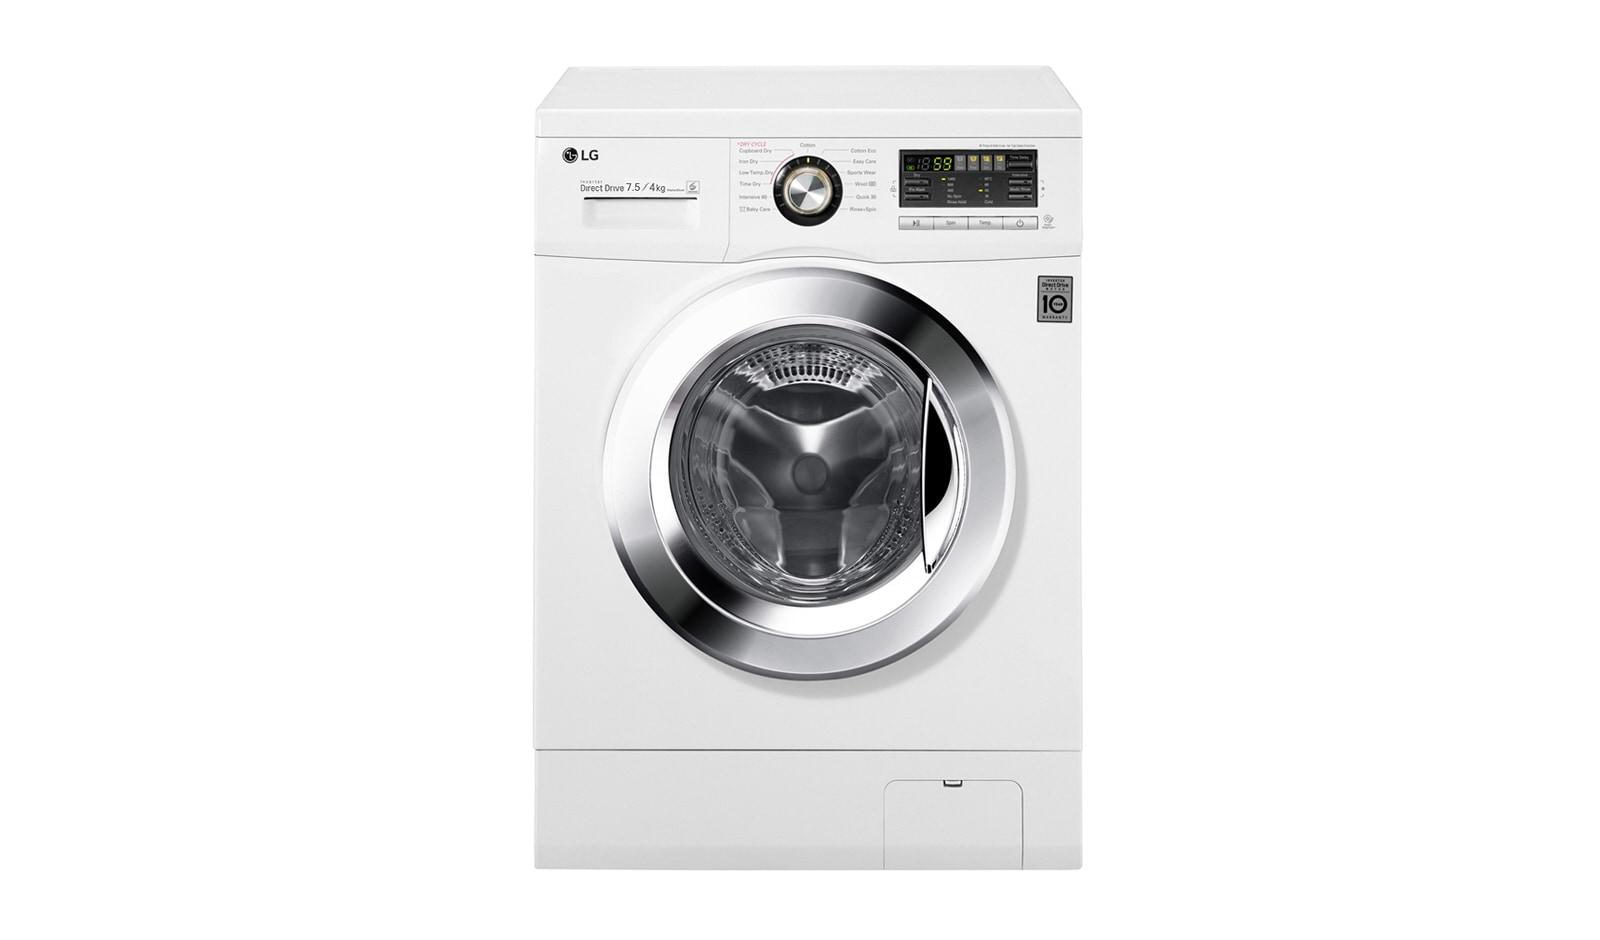 LG WD1402CRD6 - 7.5kg/4kg Front Loader Washing Machine/Dryer   LG Australia